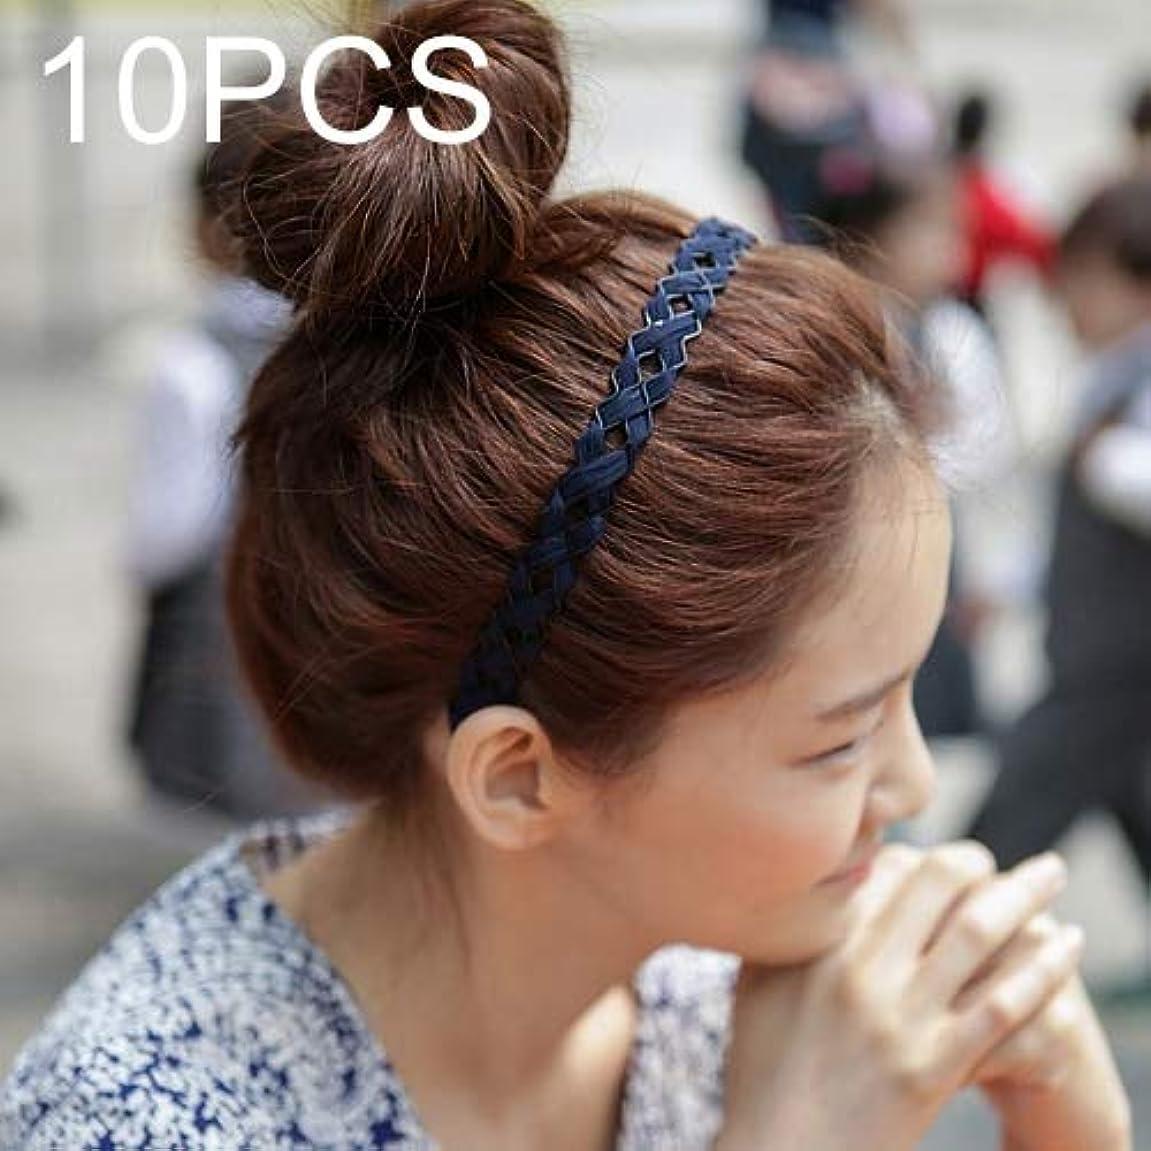 ニックネームにおい評価可能Hairpinheair YHM 10ピース中空編みスタイルヘアフープ帽子ランダムカラー配達